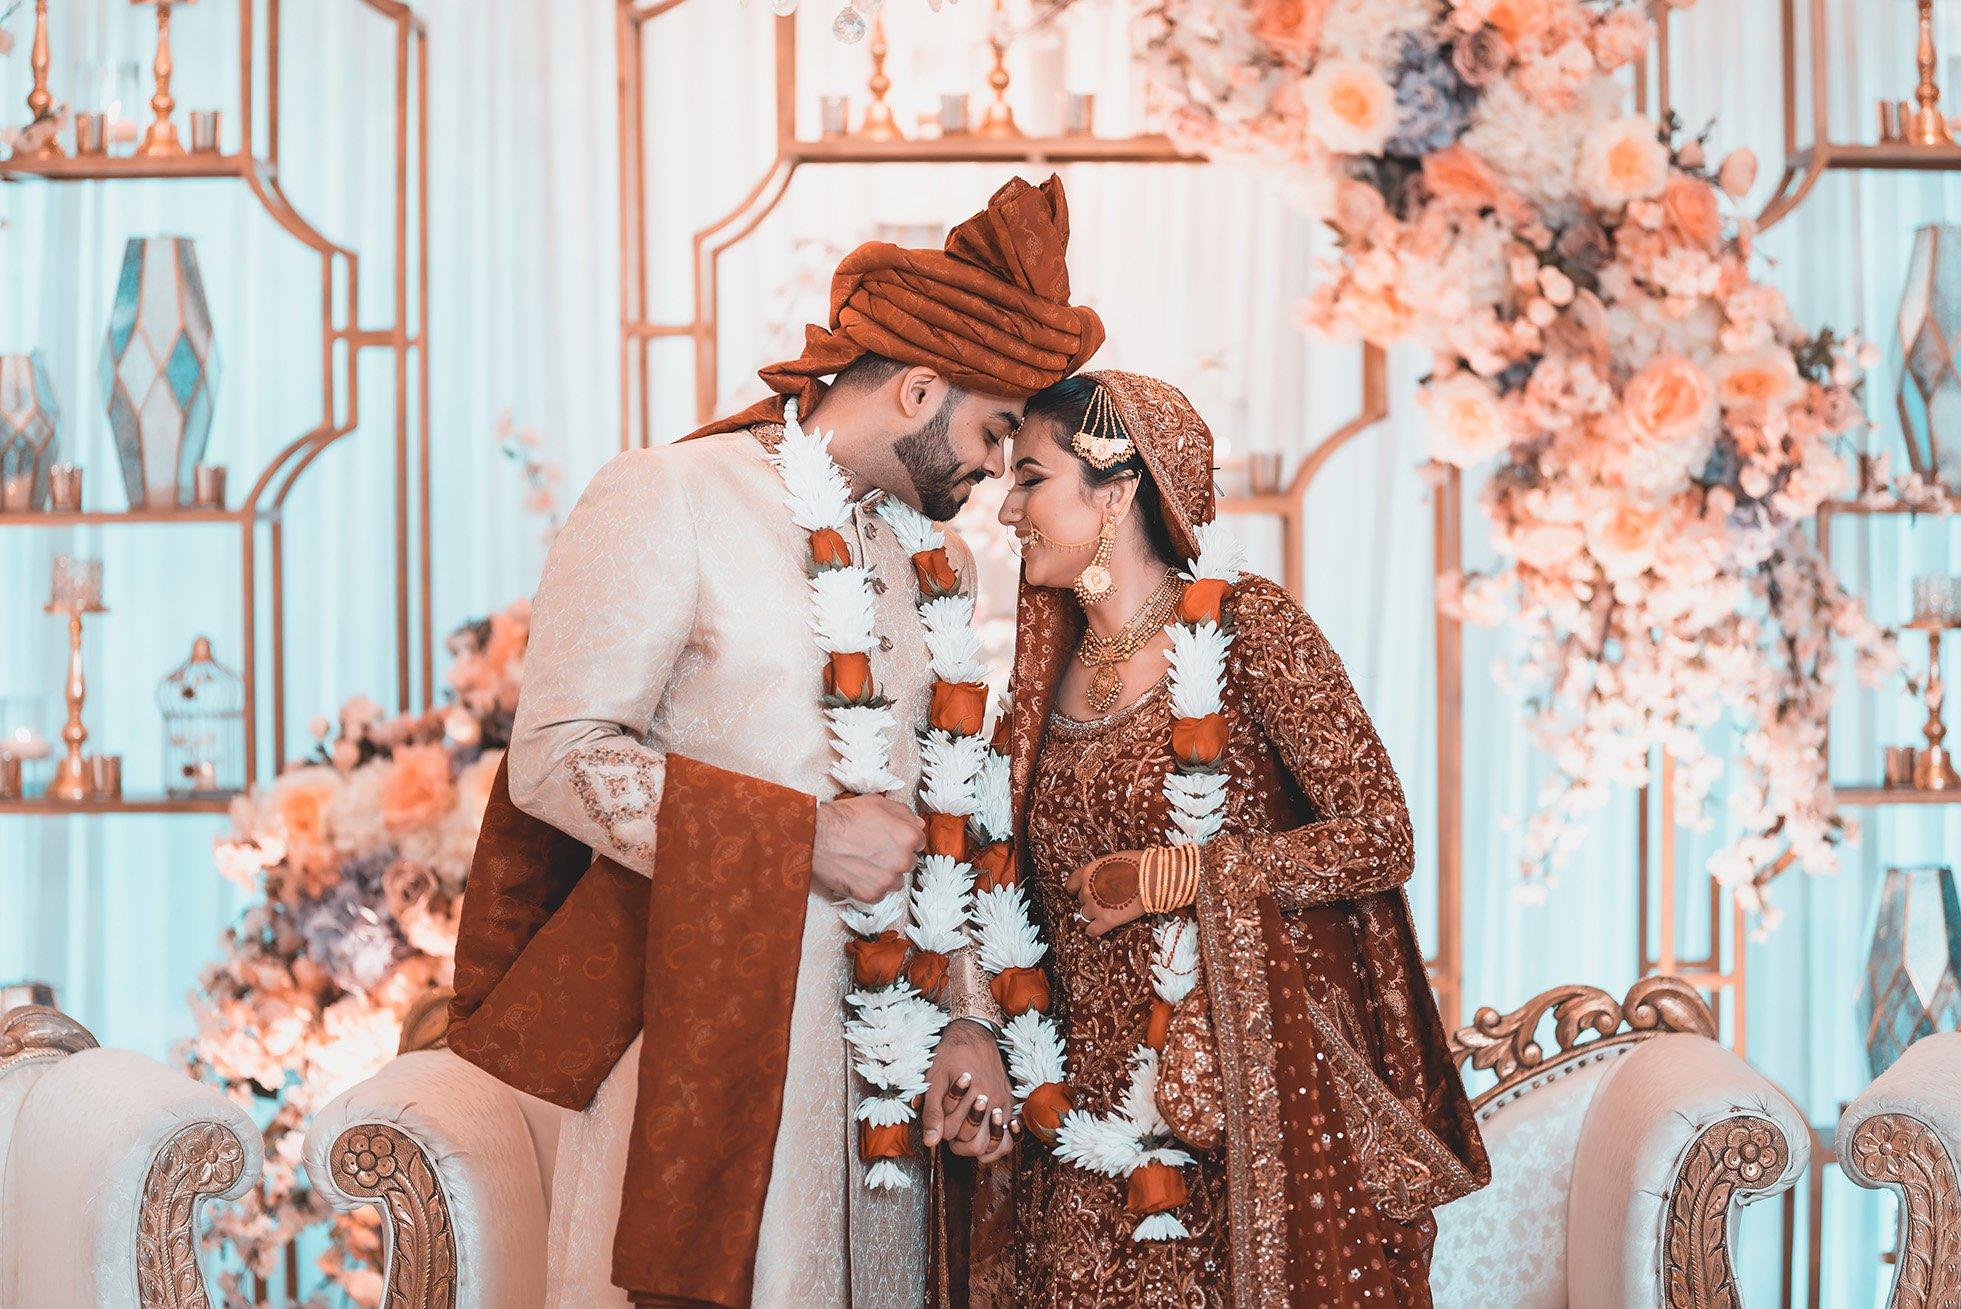 Staten-Island-Pakistani-Wedding-Photo South Asian Weddings